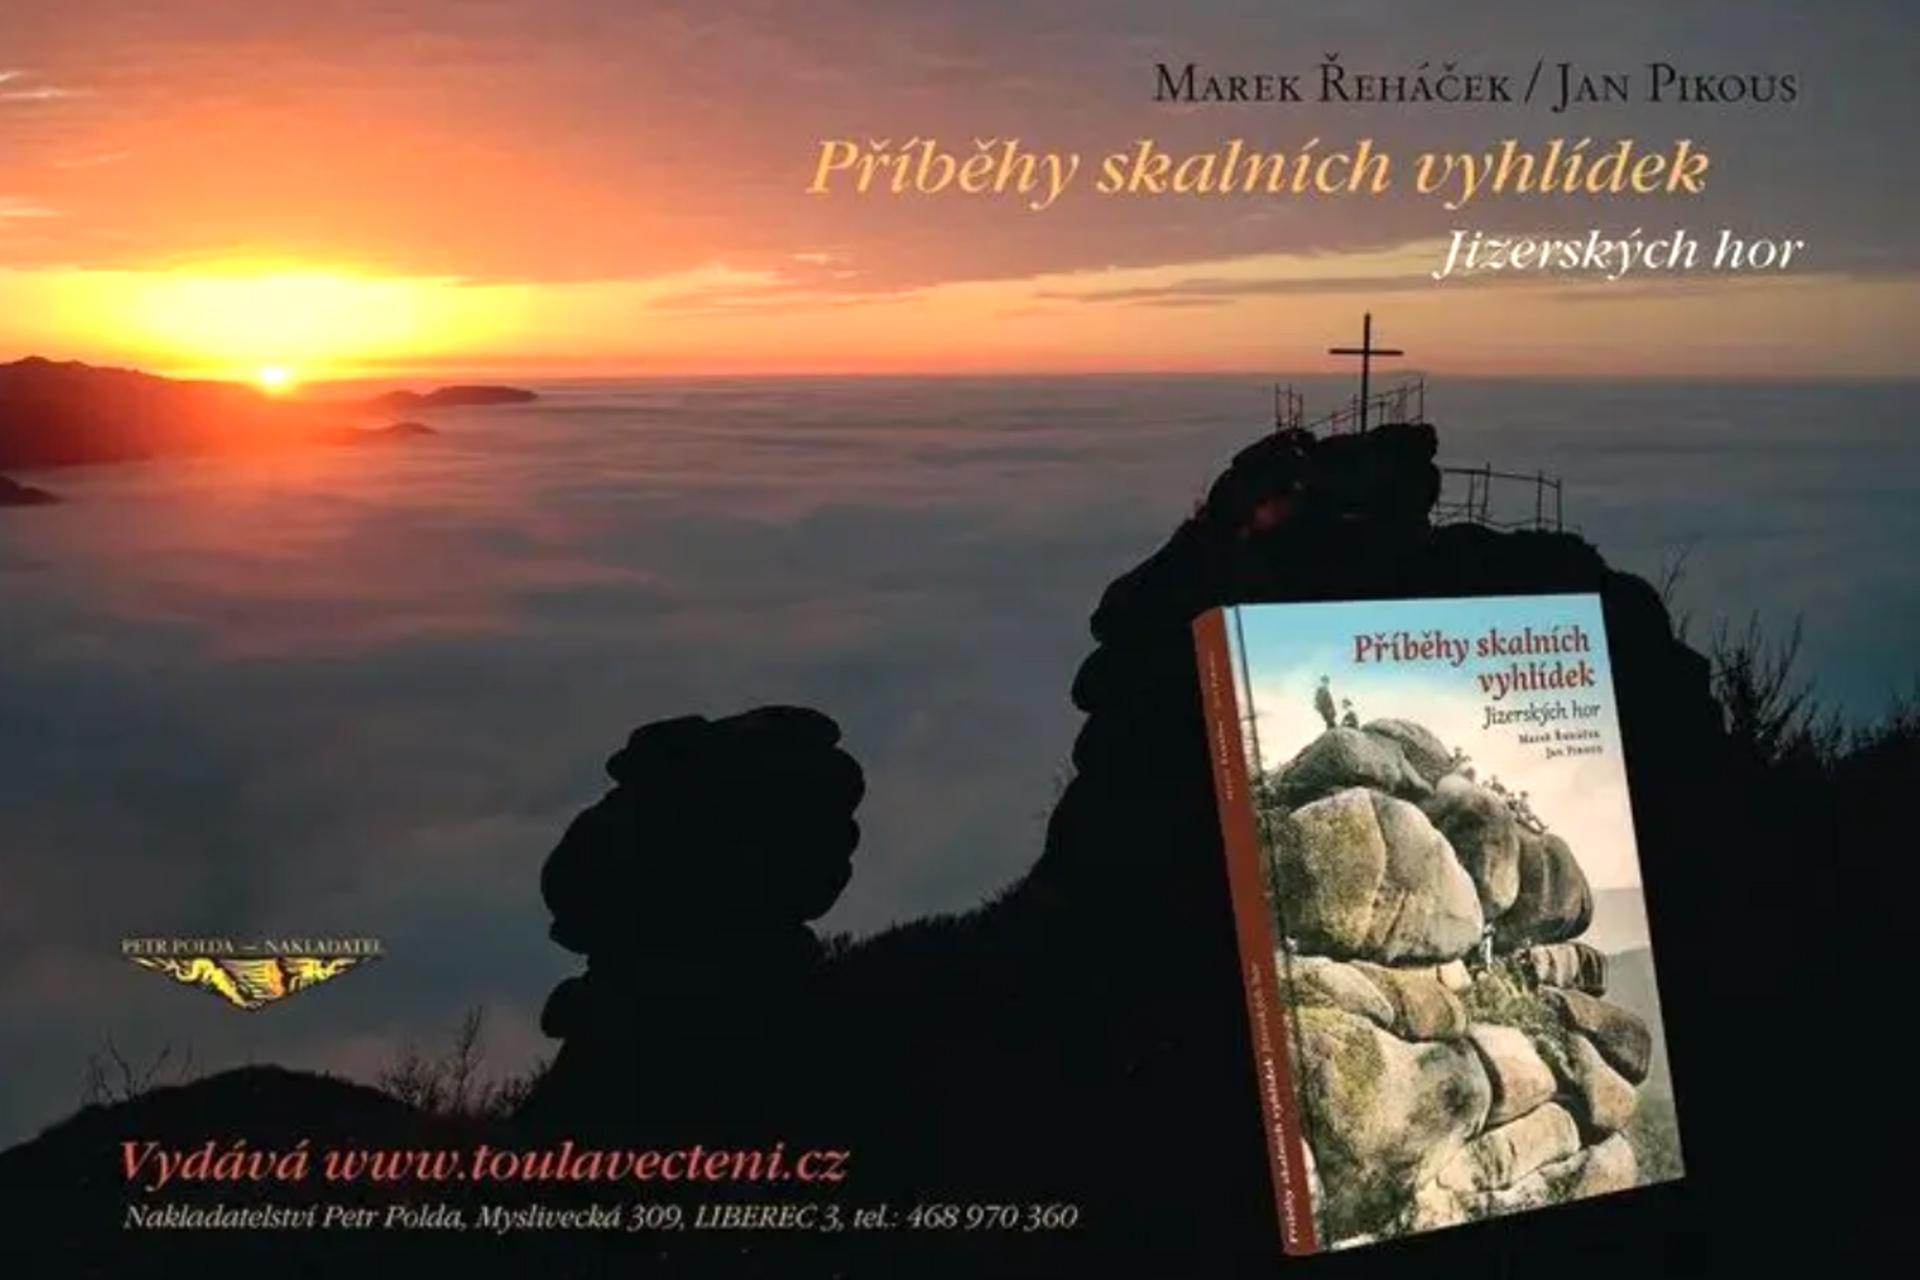 kniha Příběhy skalních vyhlídek Jizerských hor na pozadí jedné z vyhlídek při západu slunce